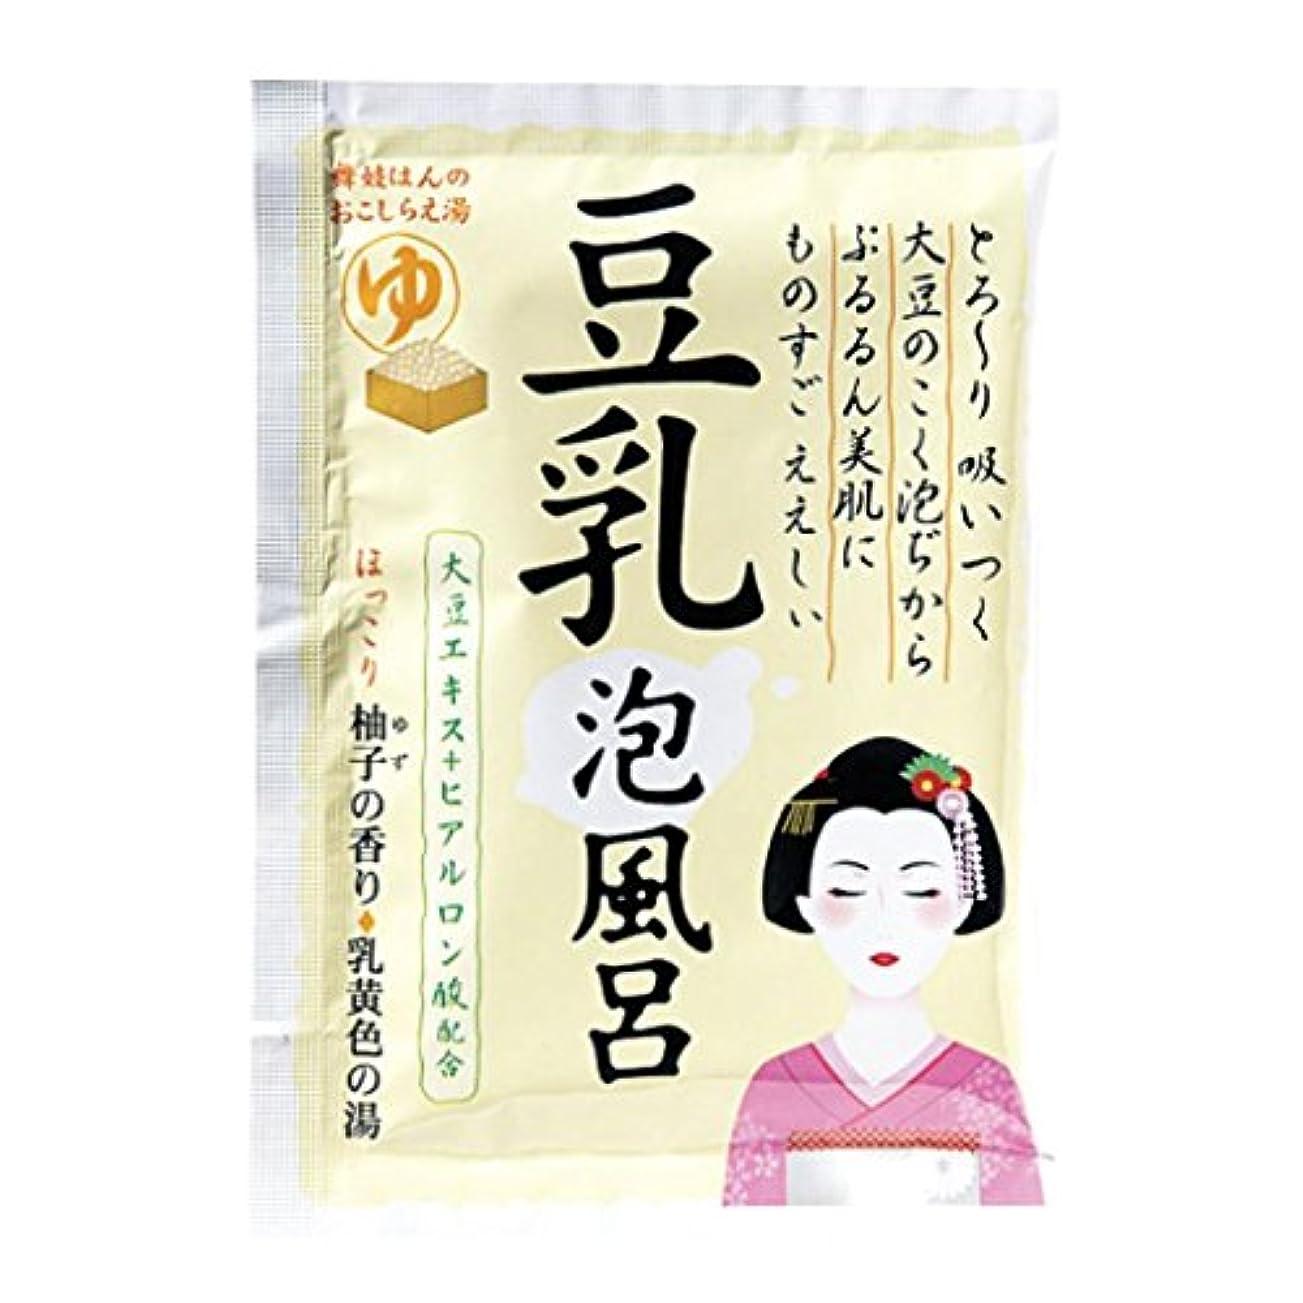 キリン血統スタジオ紀陽除虫菊 豆乳泡風呂【まとめ買い12個セット】 N-8162